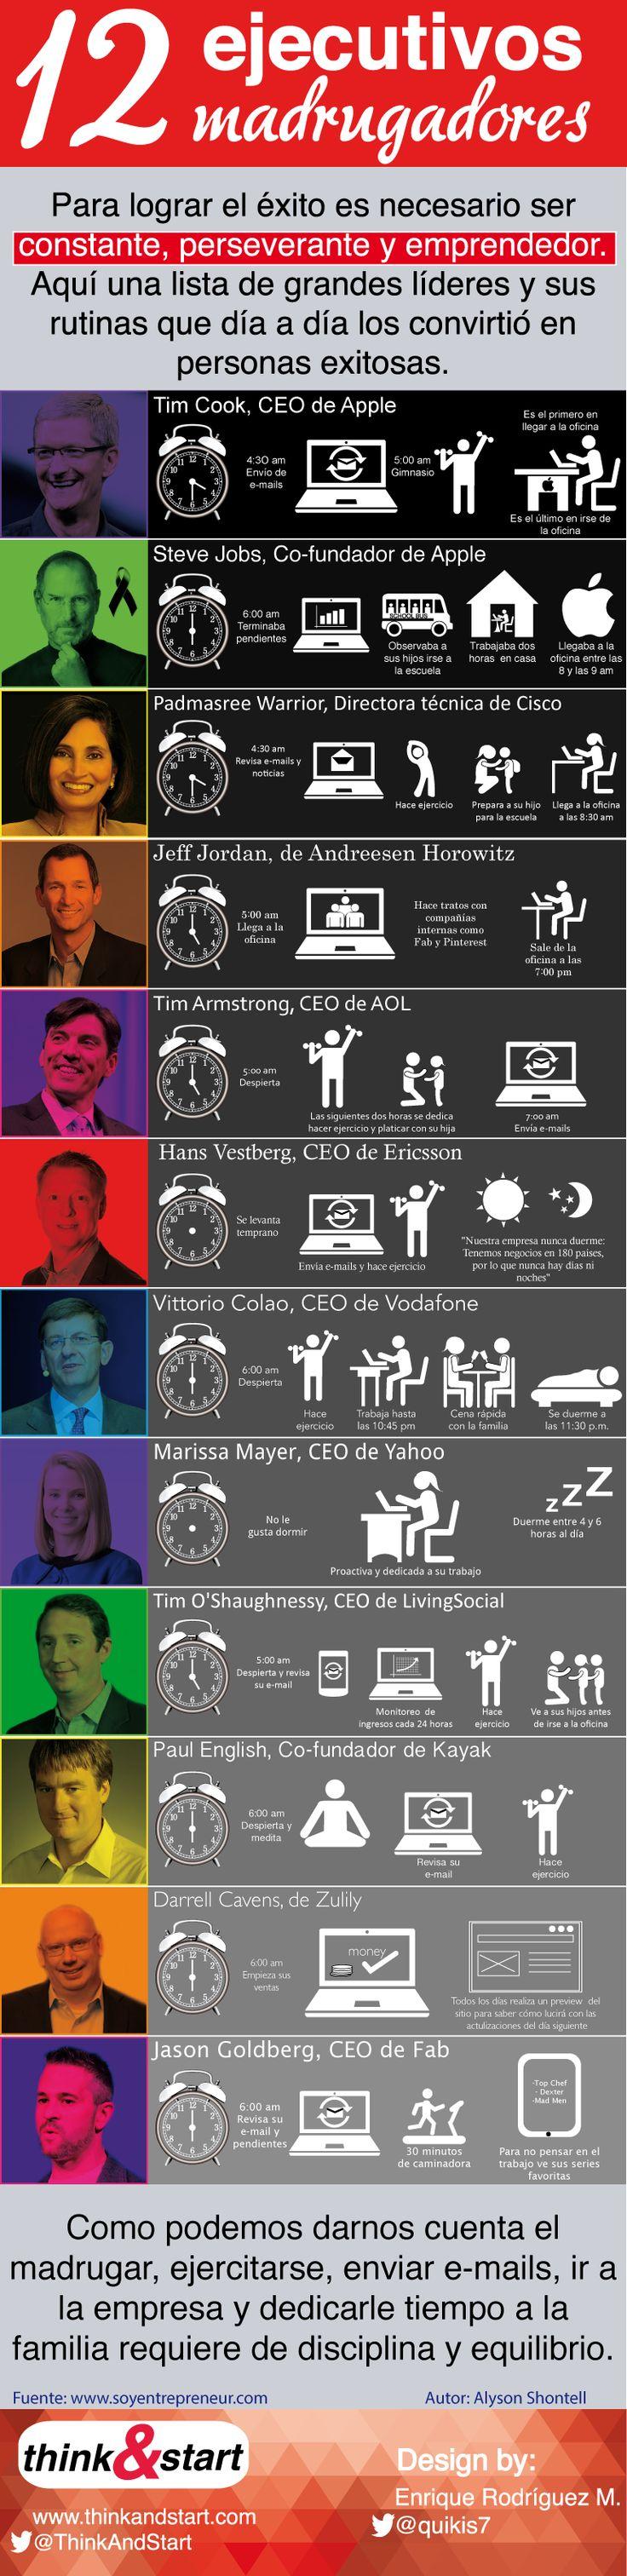 infografia_12_ejecutivos_muy_madrugadores.png (770×3164)